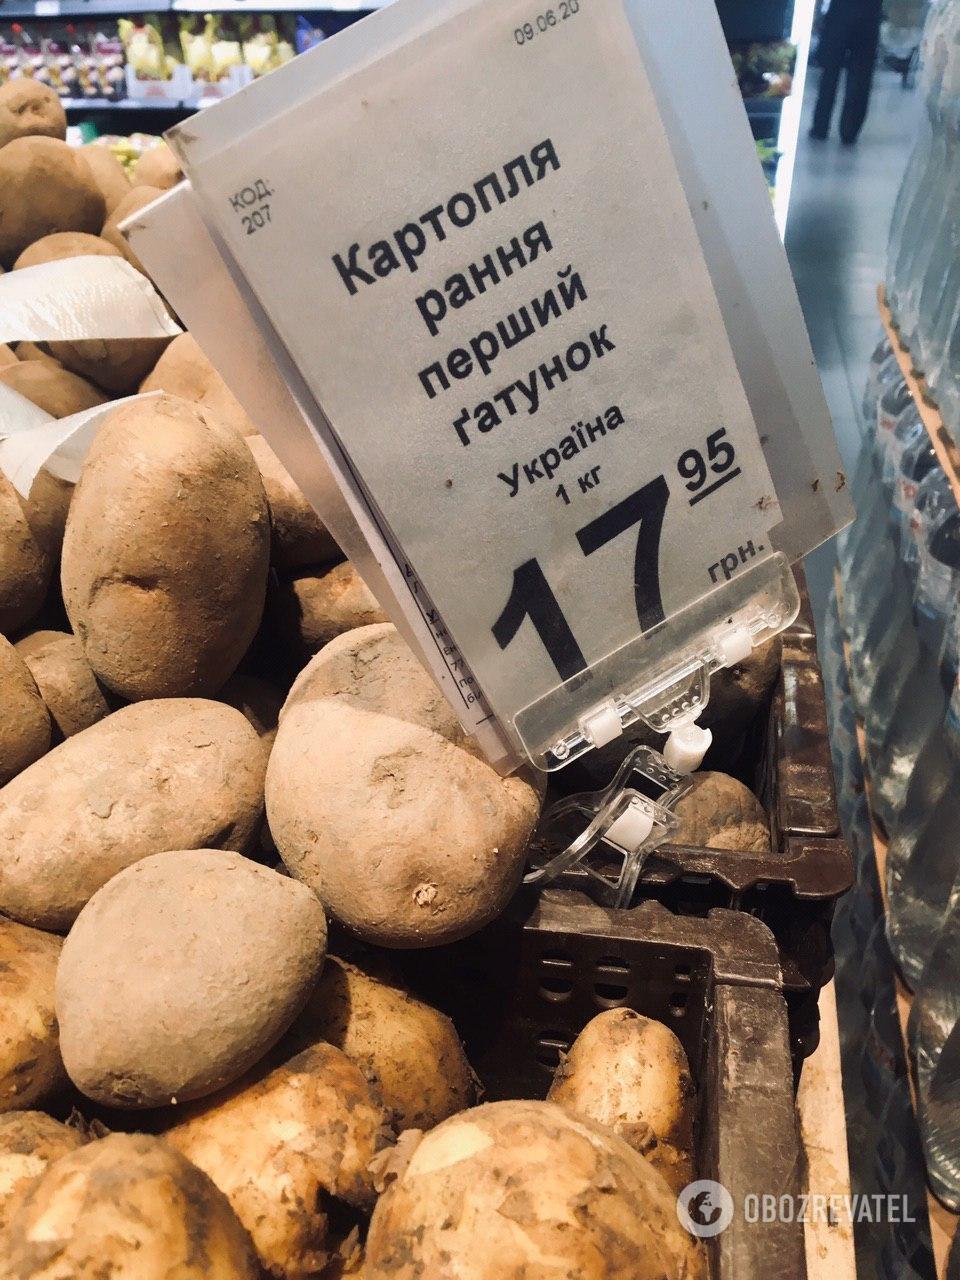 Ранний картофель - немного дороже